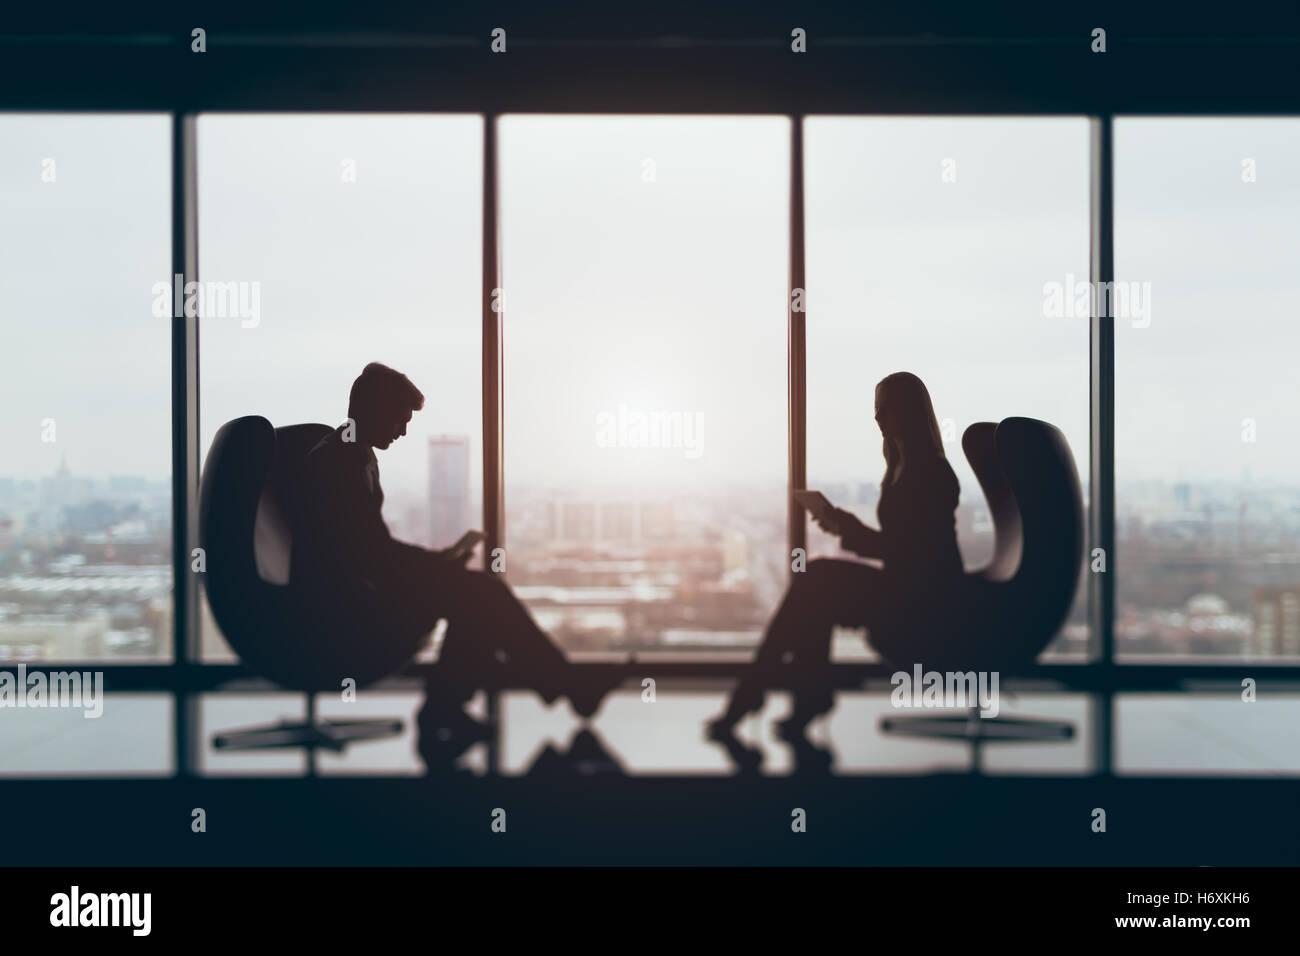 Cierto cambio de inclinación shooting del empresario y empresaria sentado en frente uno del otro con sus gadgets Imagen De Stock